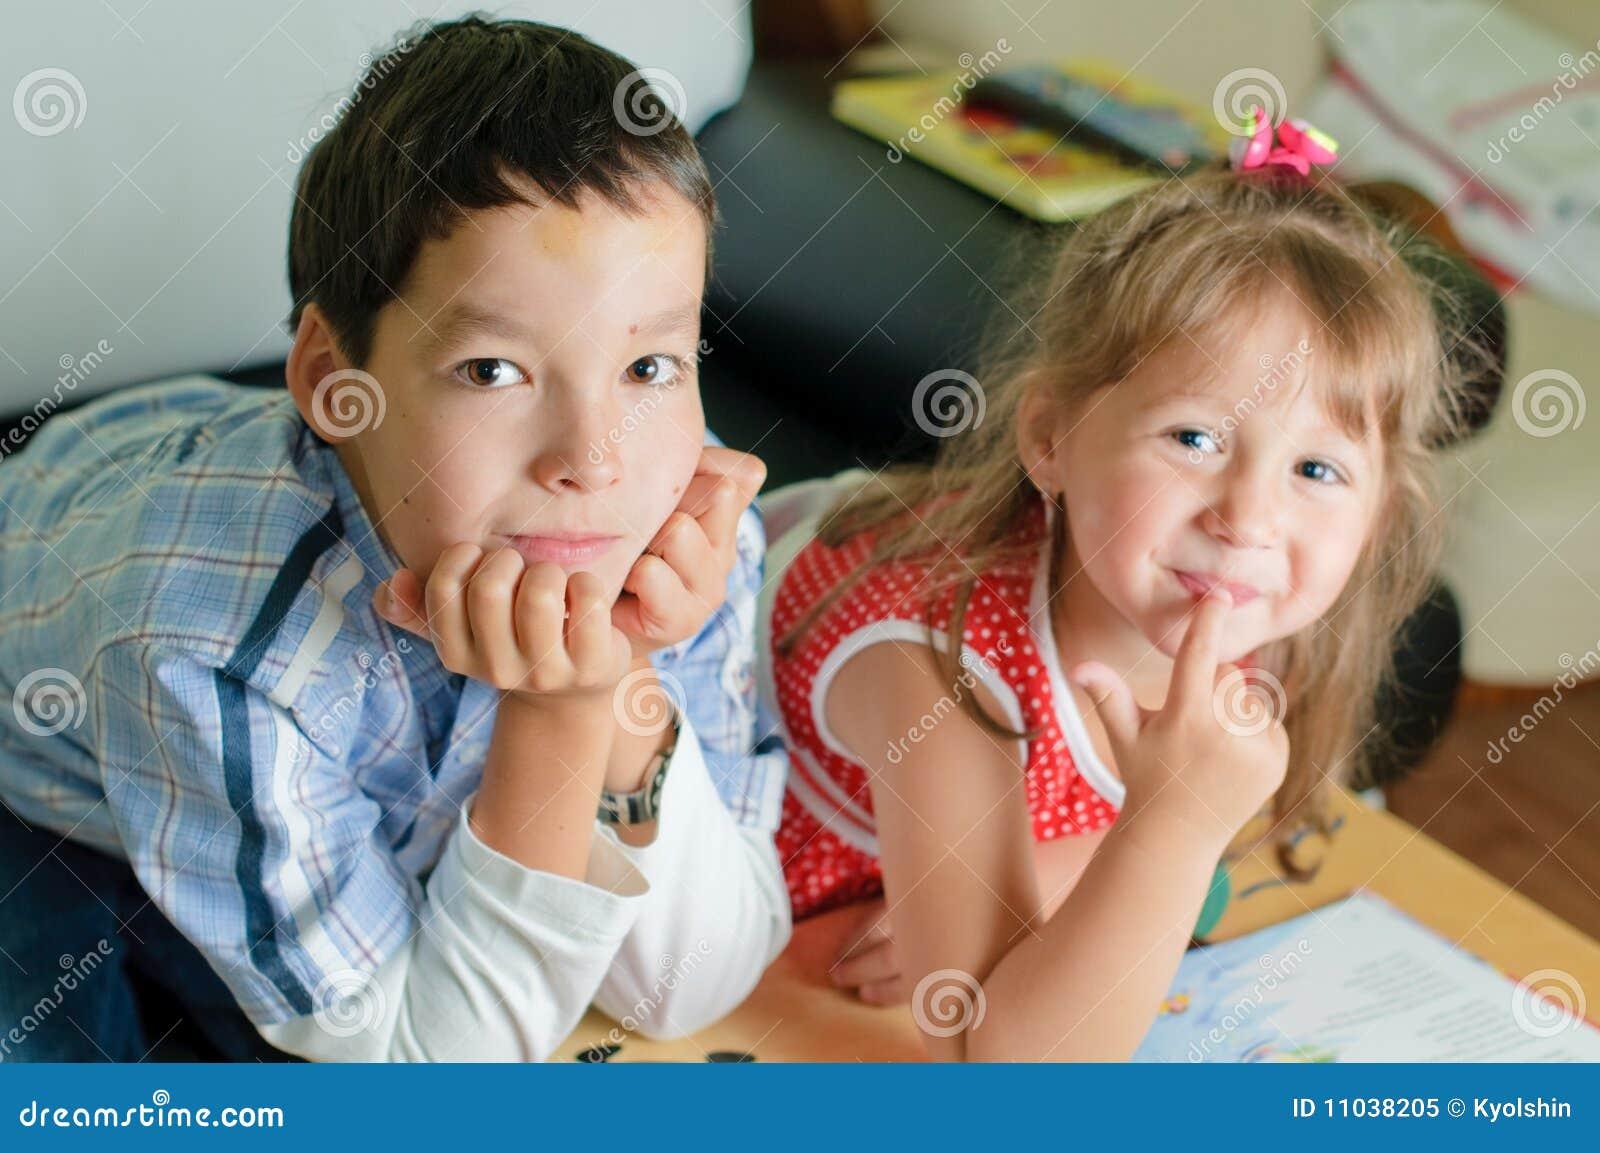 Трахаются брат с сестра 18 фотография